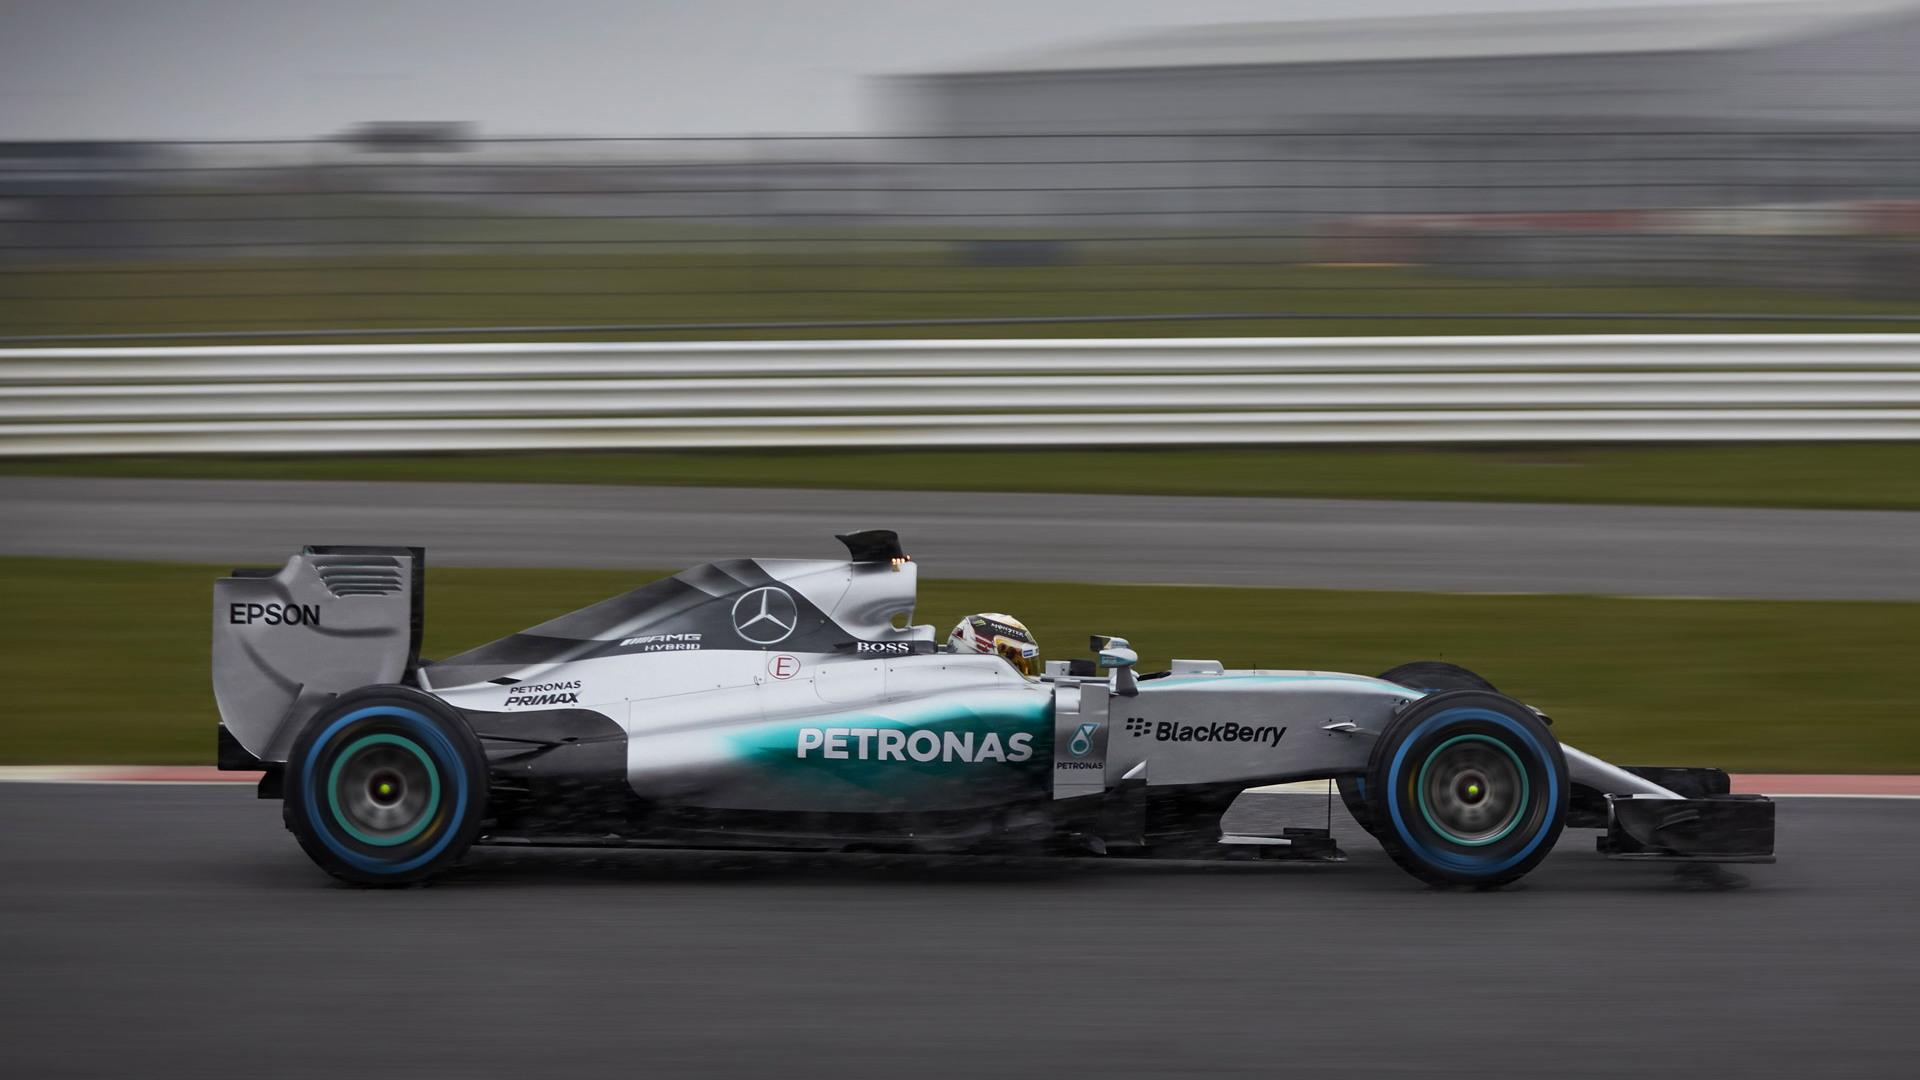 Mercedes AMG W06 Hybrid 2015 Formula One car